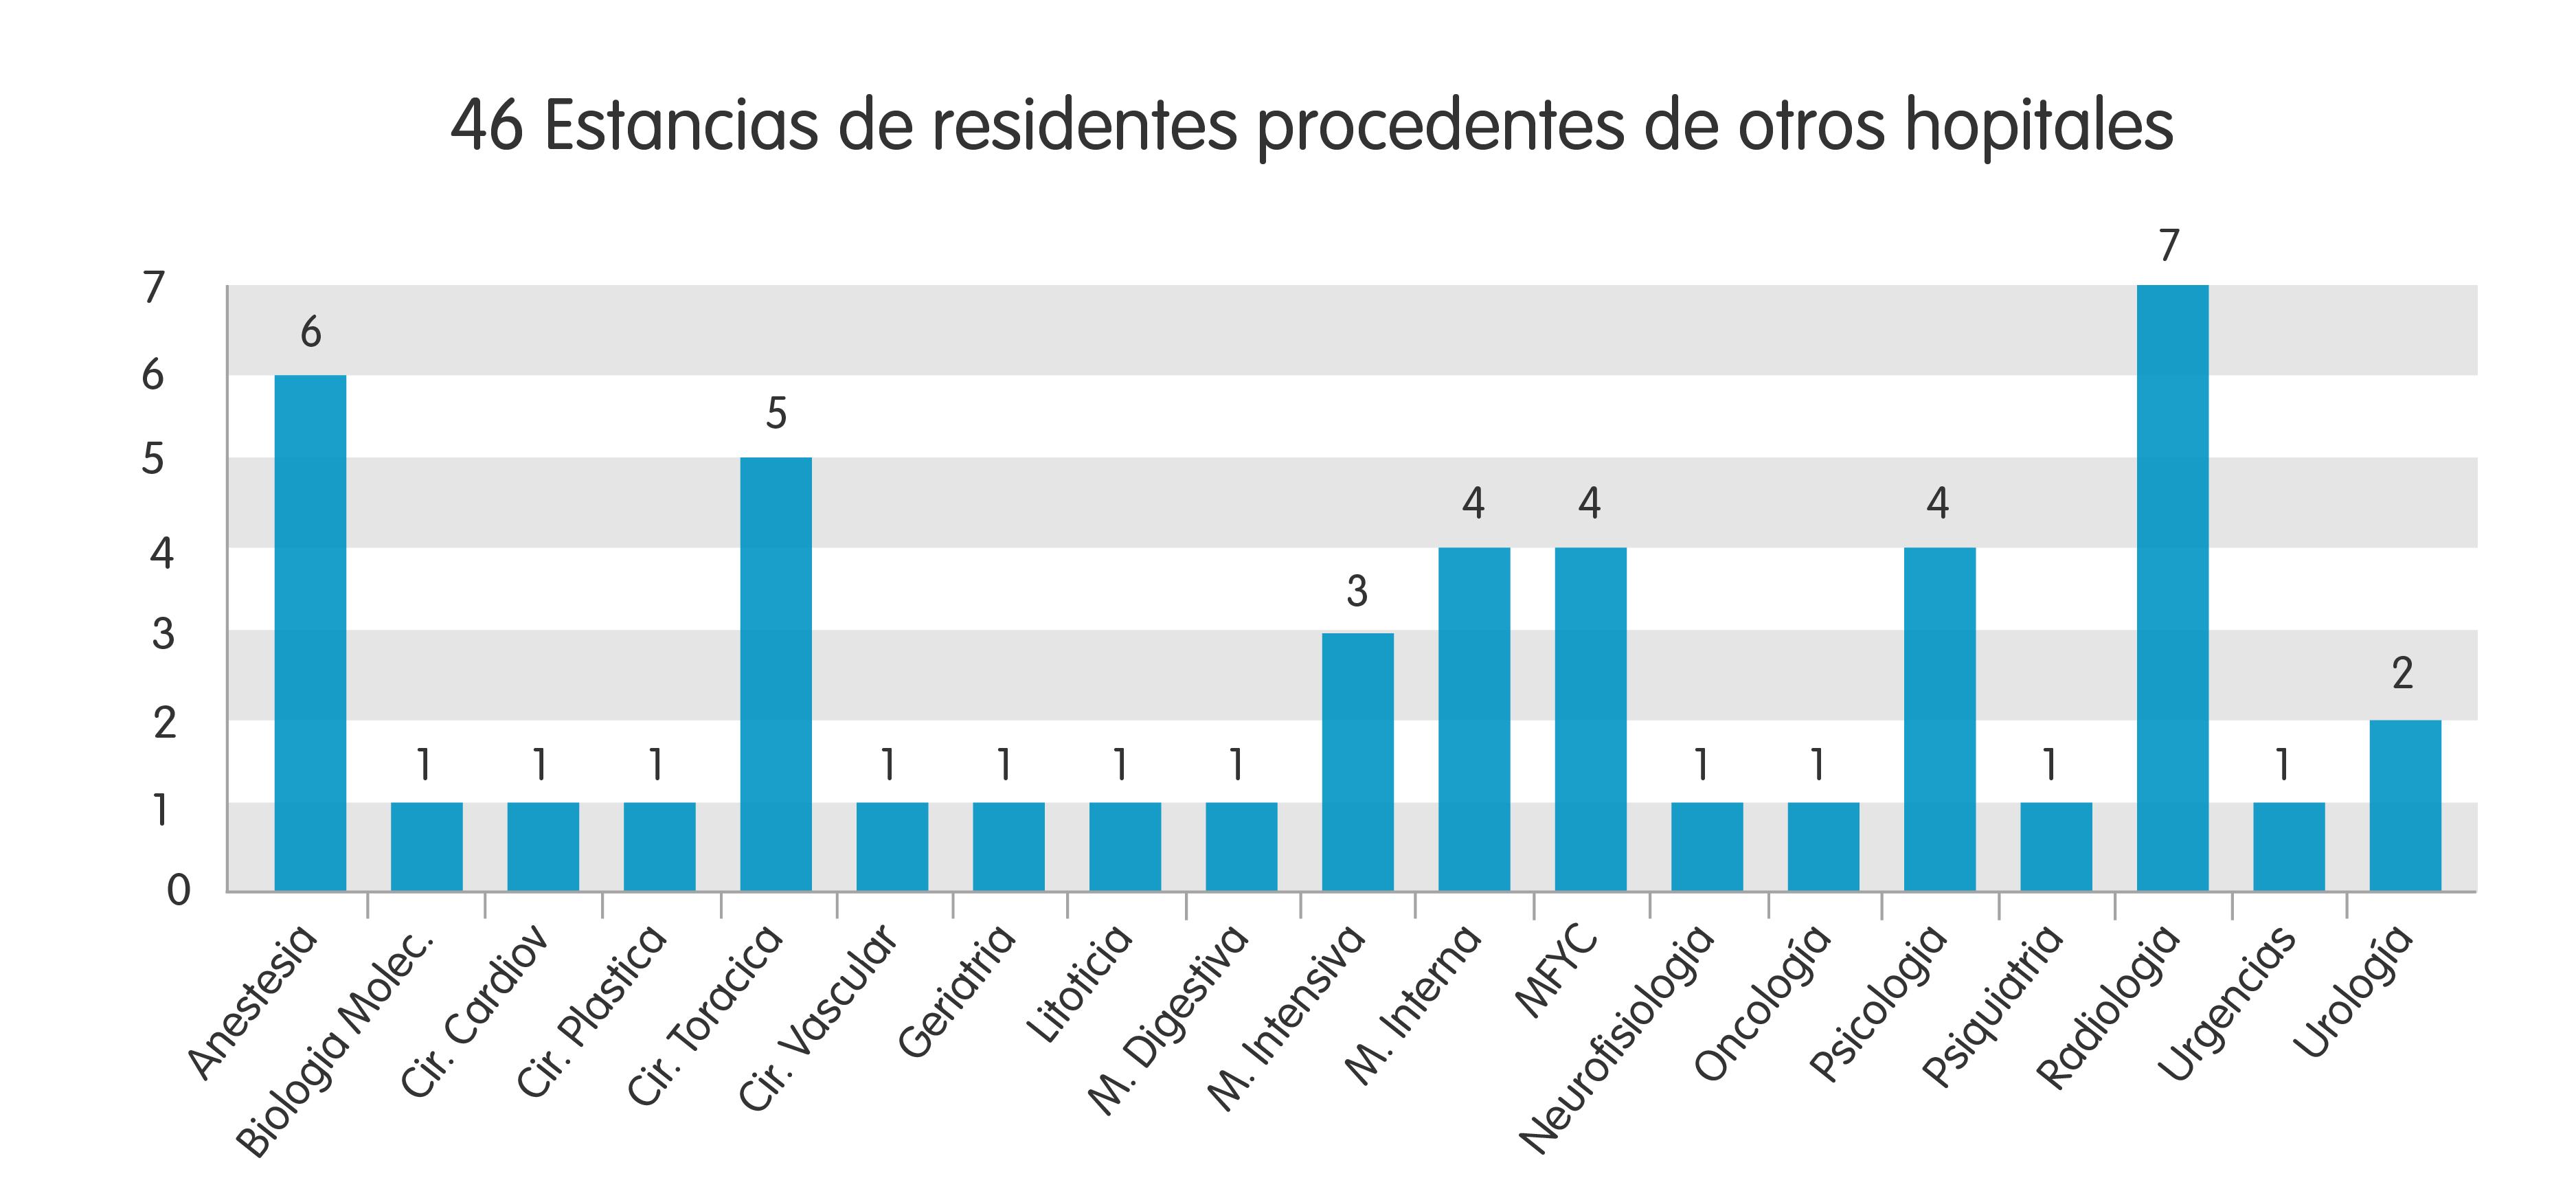 46 estancias de residentes procedentes de otros hospitales